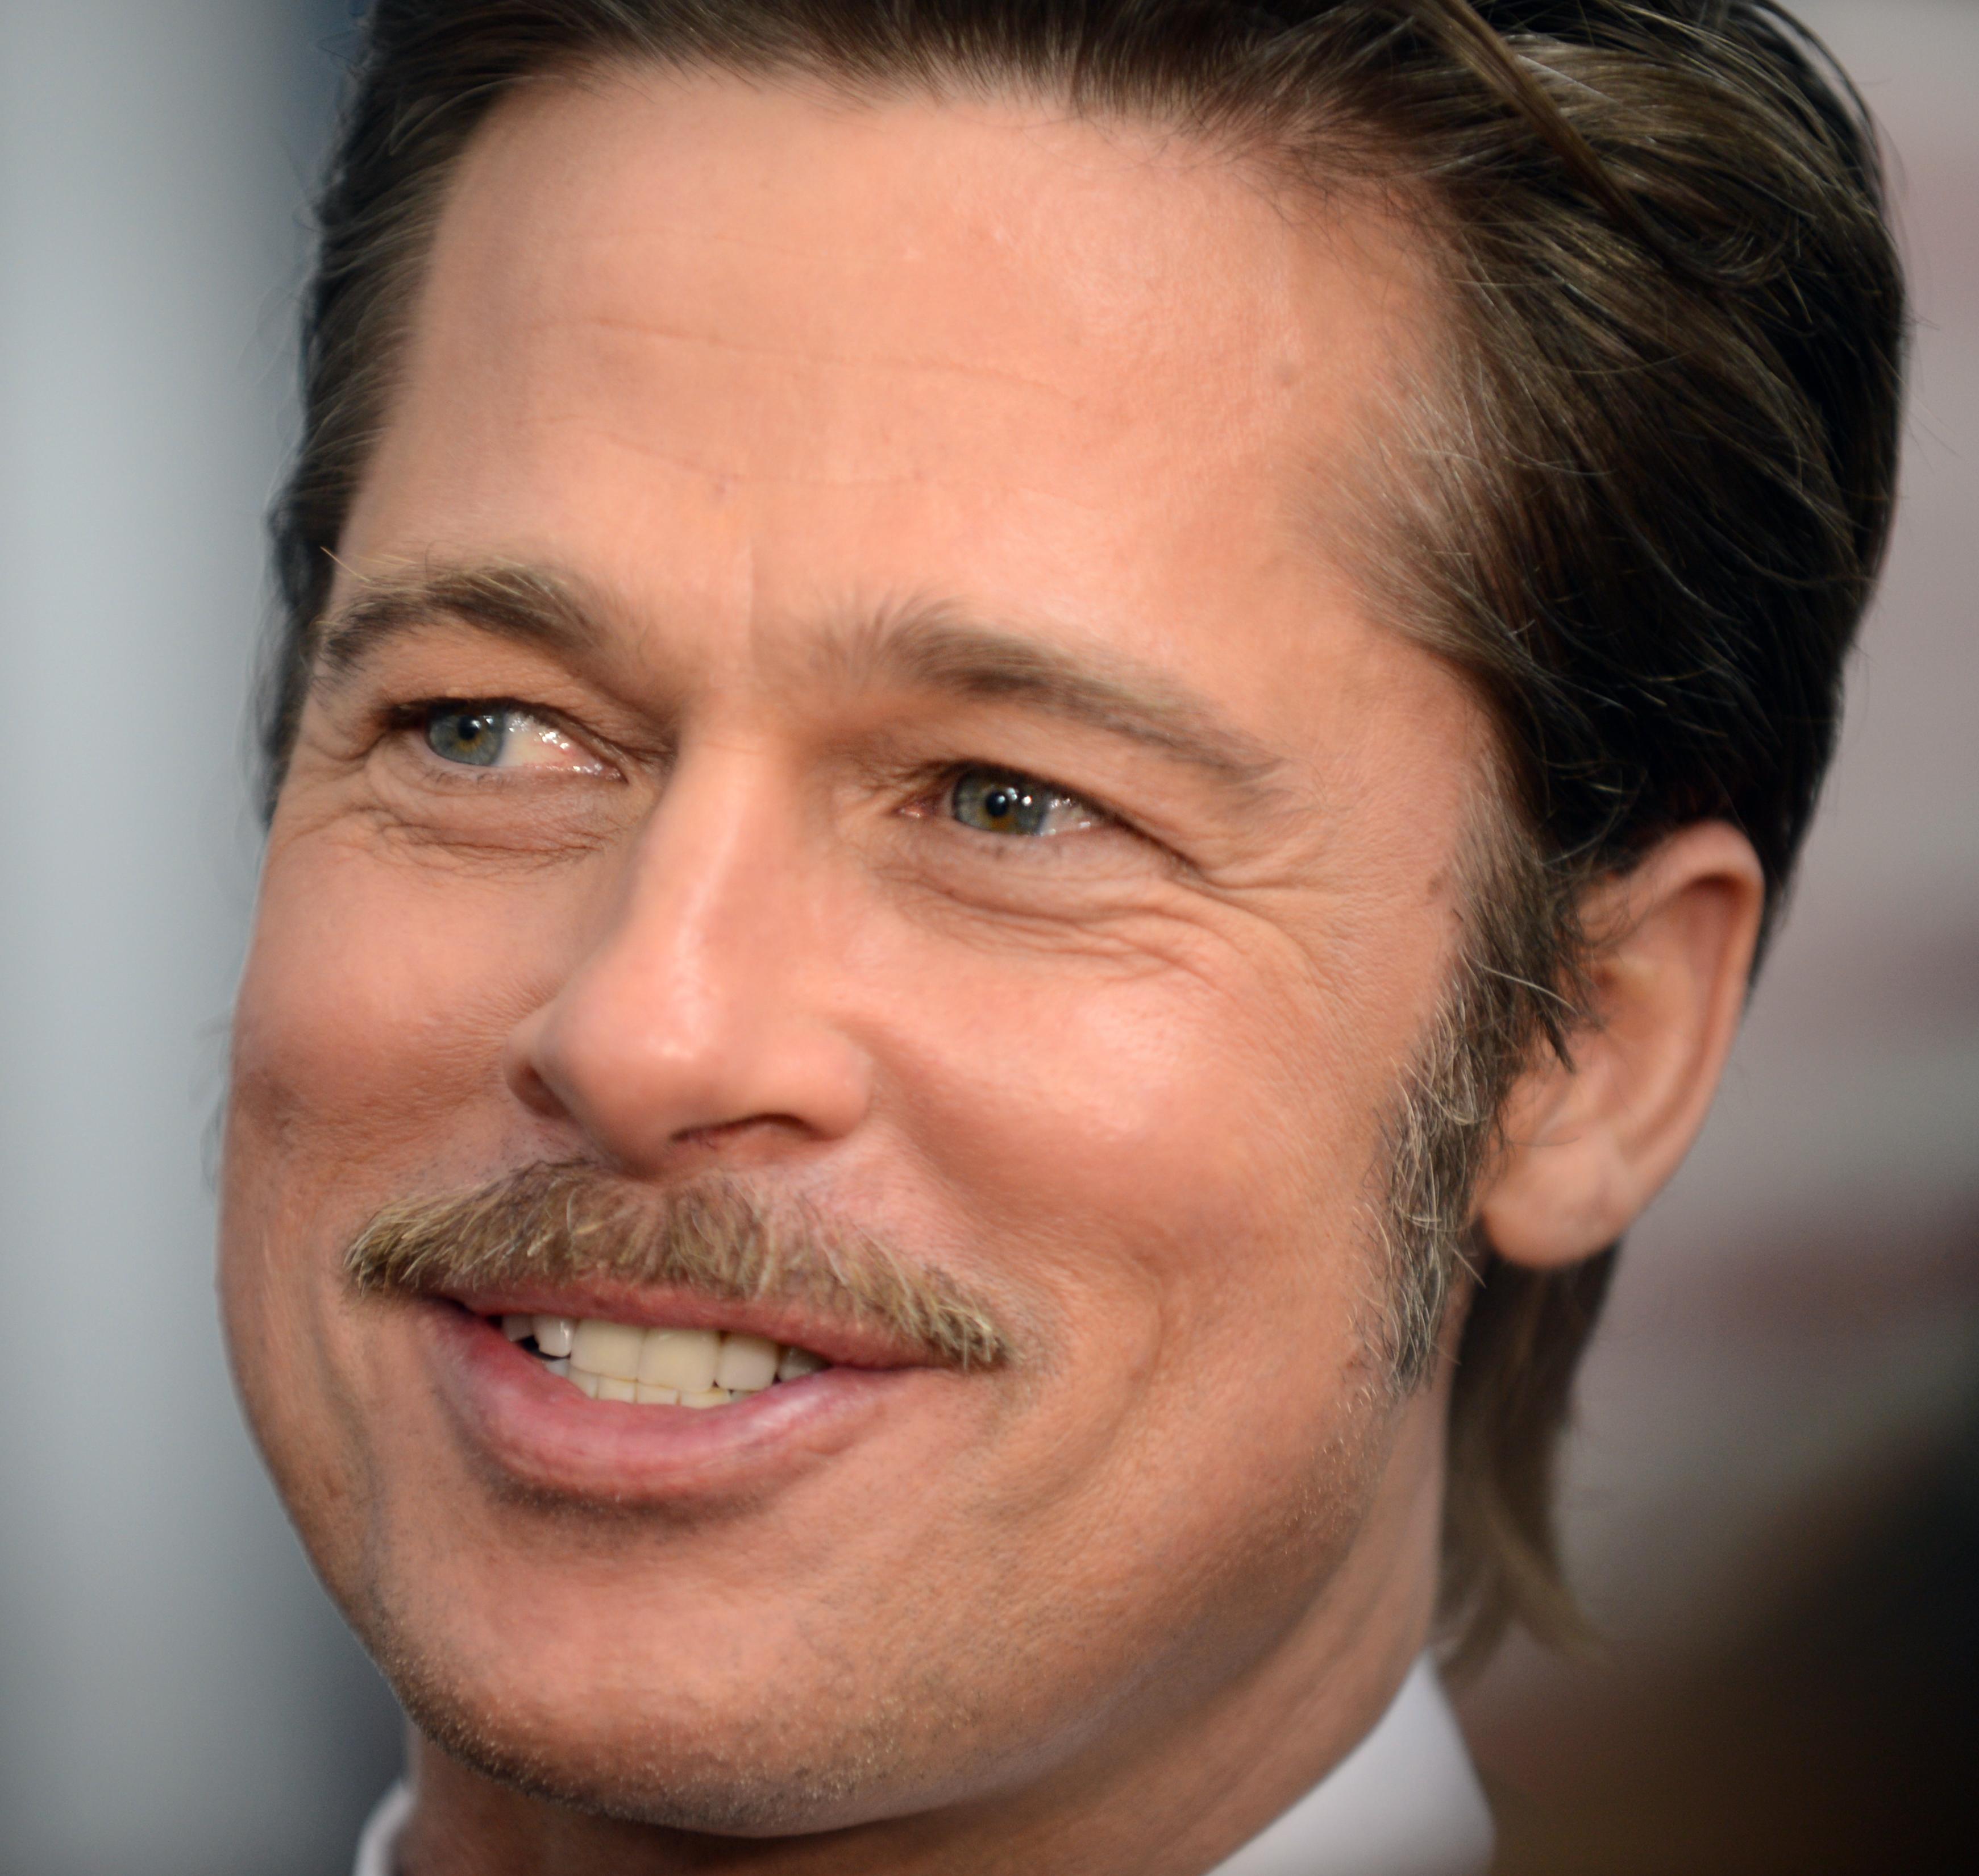 Description Brad Pitt October 2014.jpg